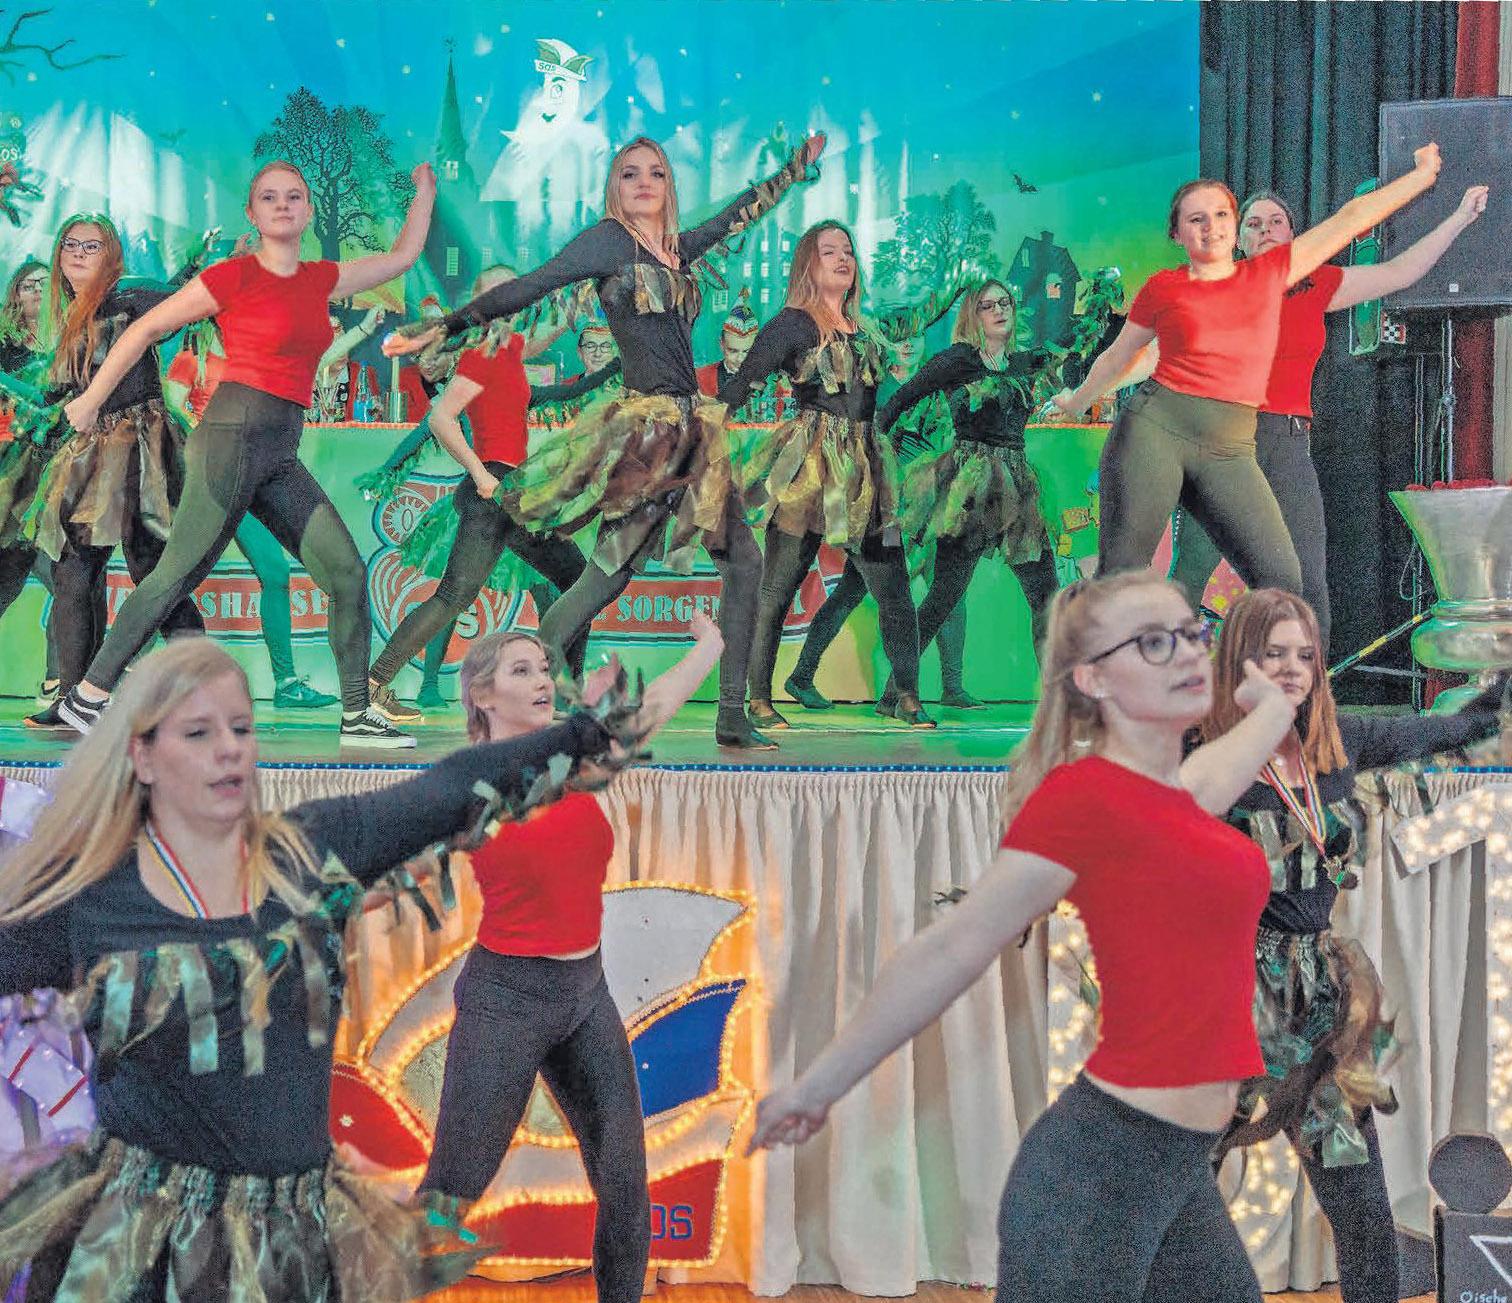 Wenn junge Damen mit gekonnten Tänzen begeistern, dann ist Karneval in Sievershausen.